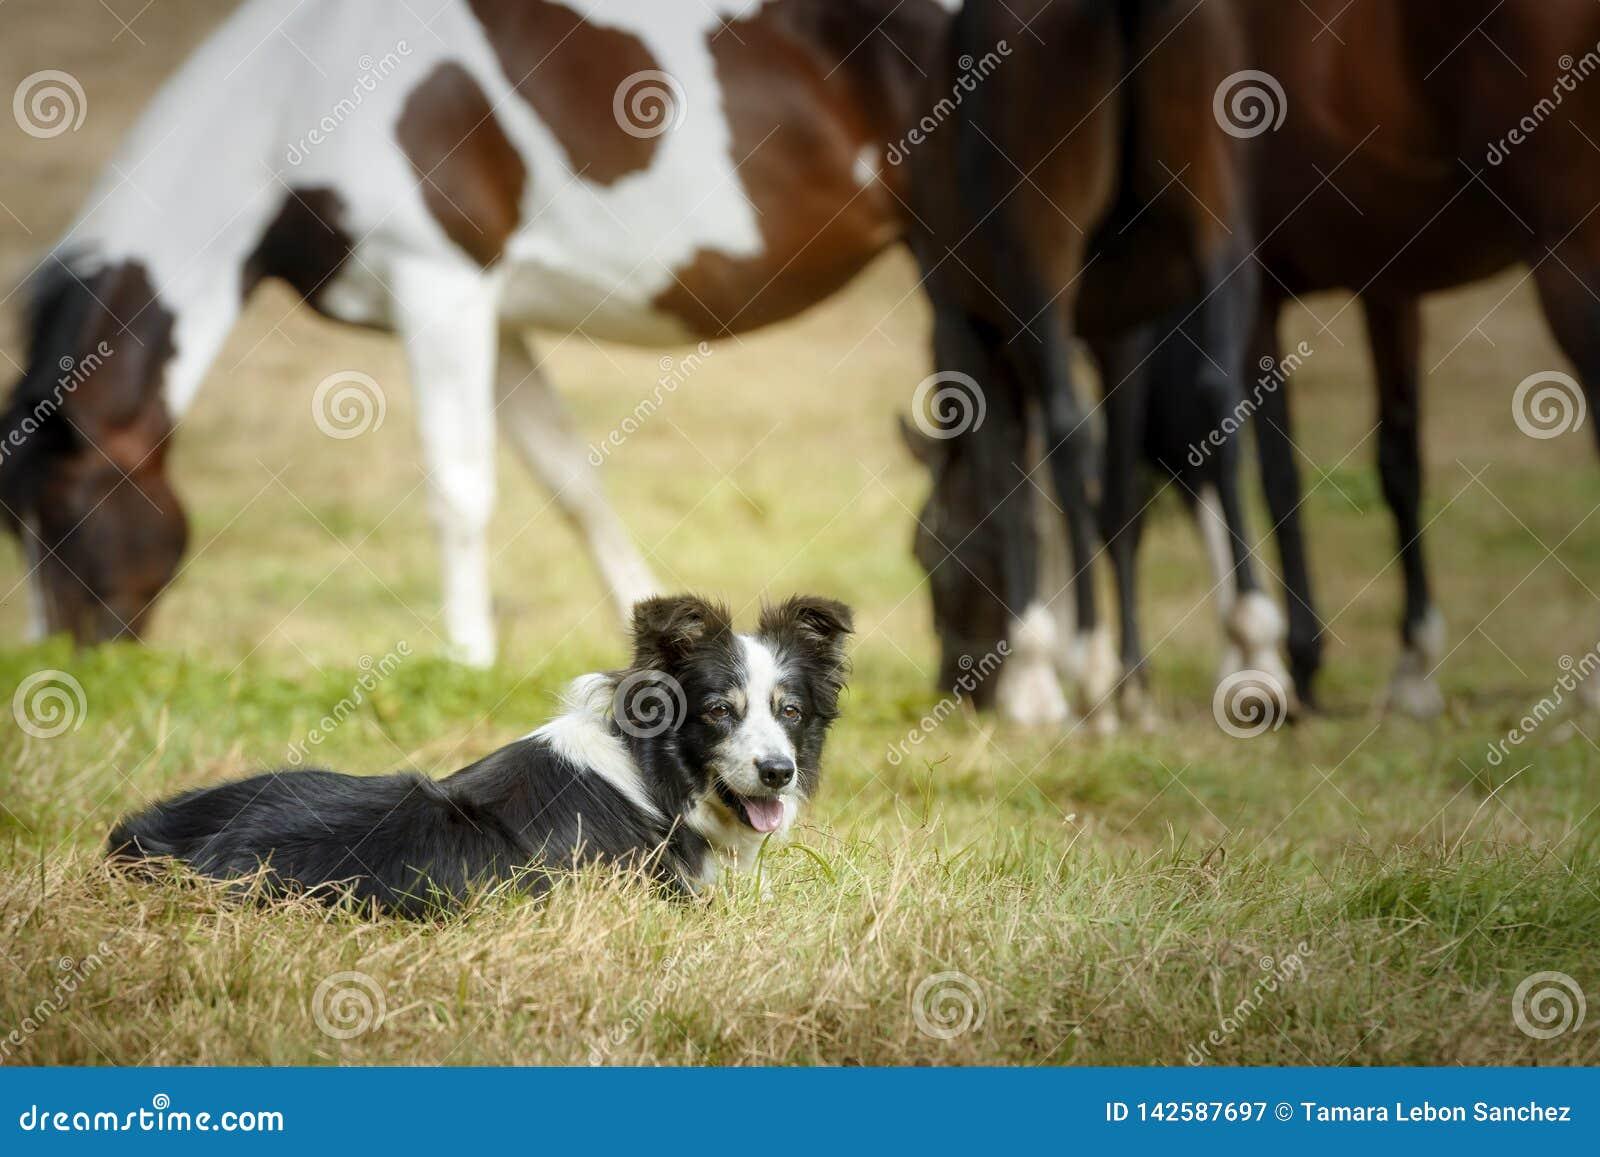 Seniora Border Collie psi odpoczynkowy lying on the beach na trawie po biegać z swój stadem konie